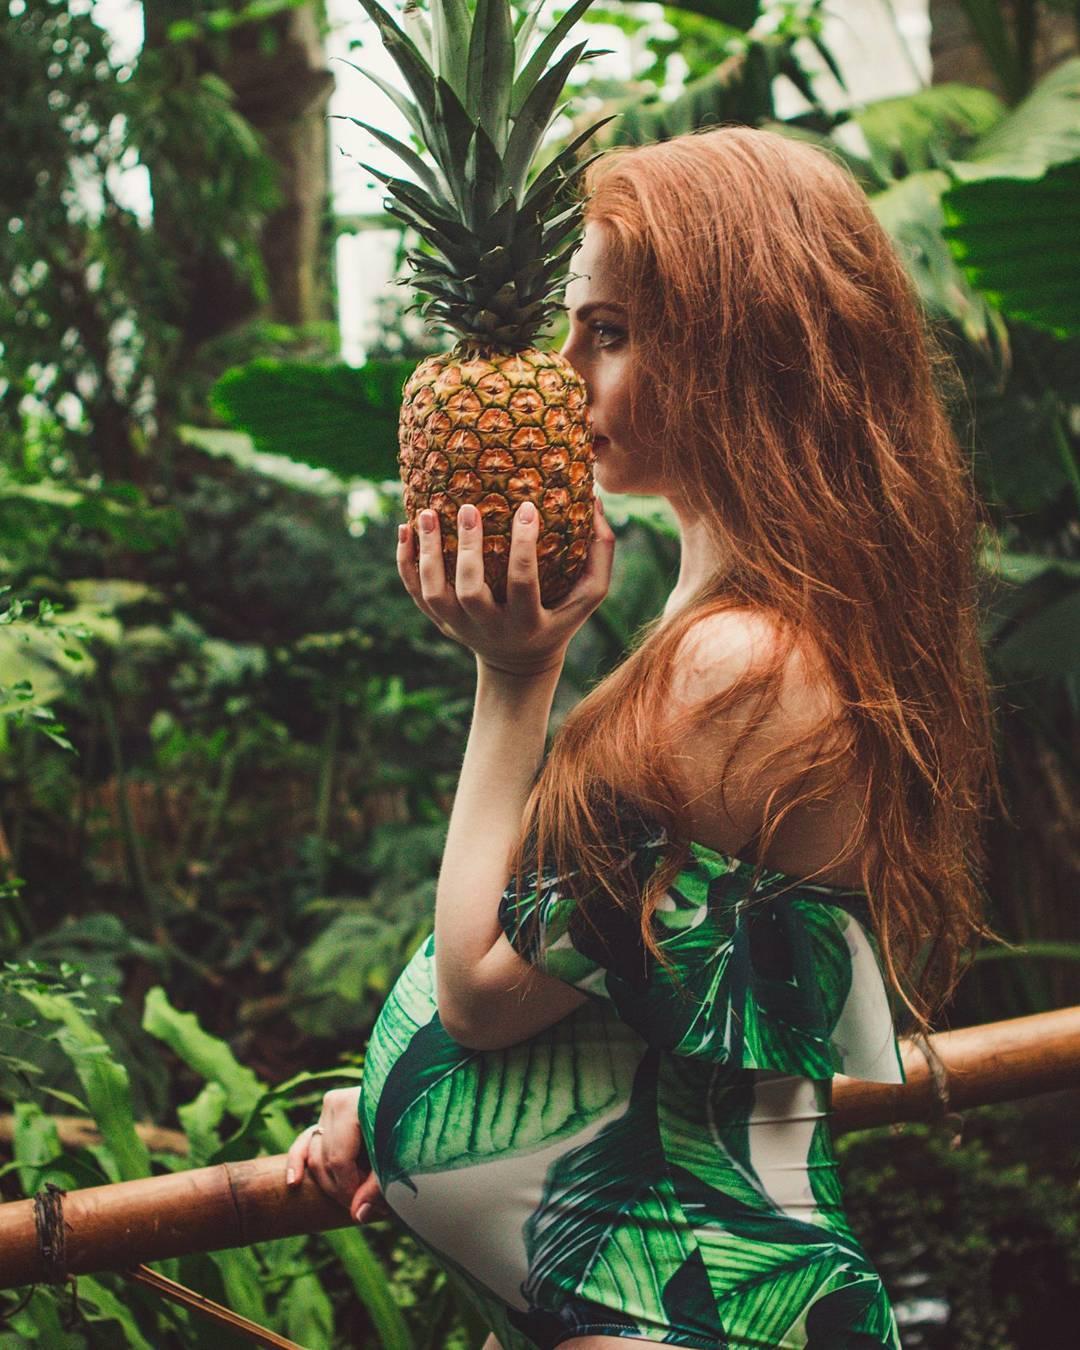 рыжая беременная с ананасом джунгли